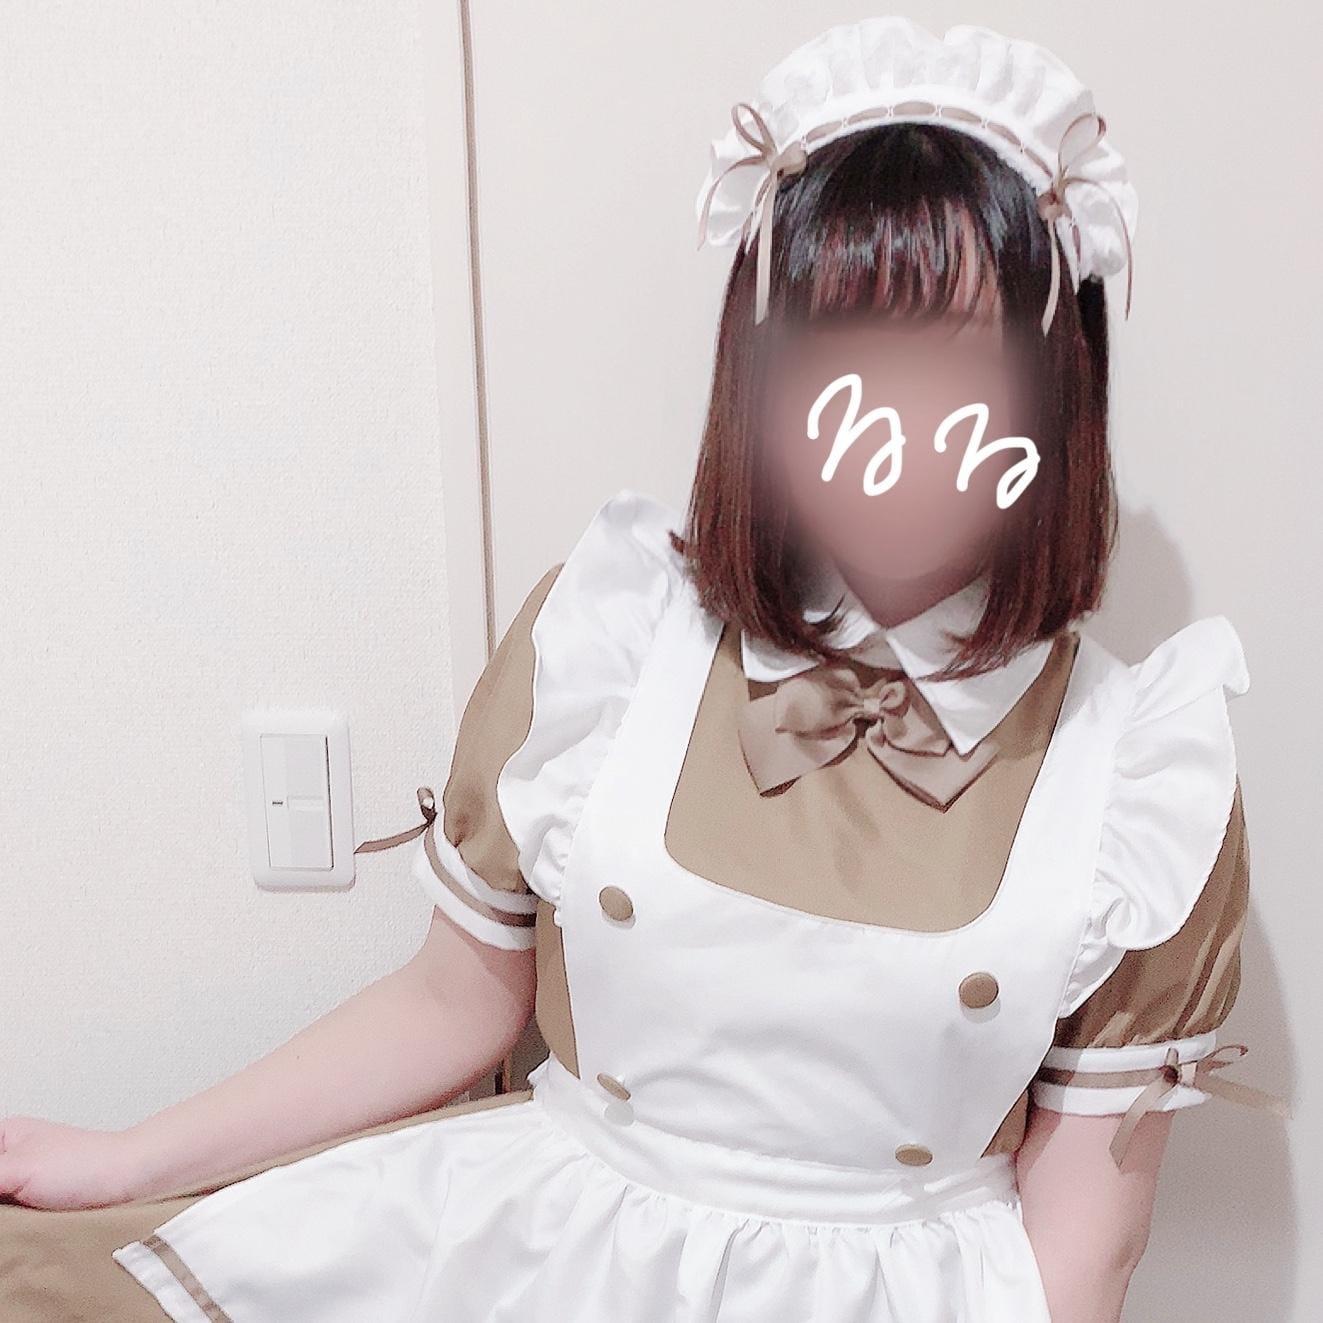 「だいすき!」01/12(01/12) 21:46 | るるちゃんの写メ・風俗動画